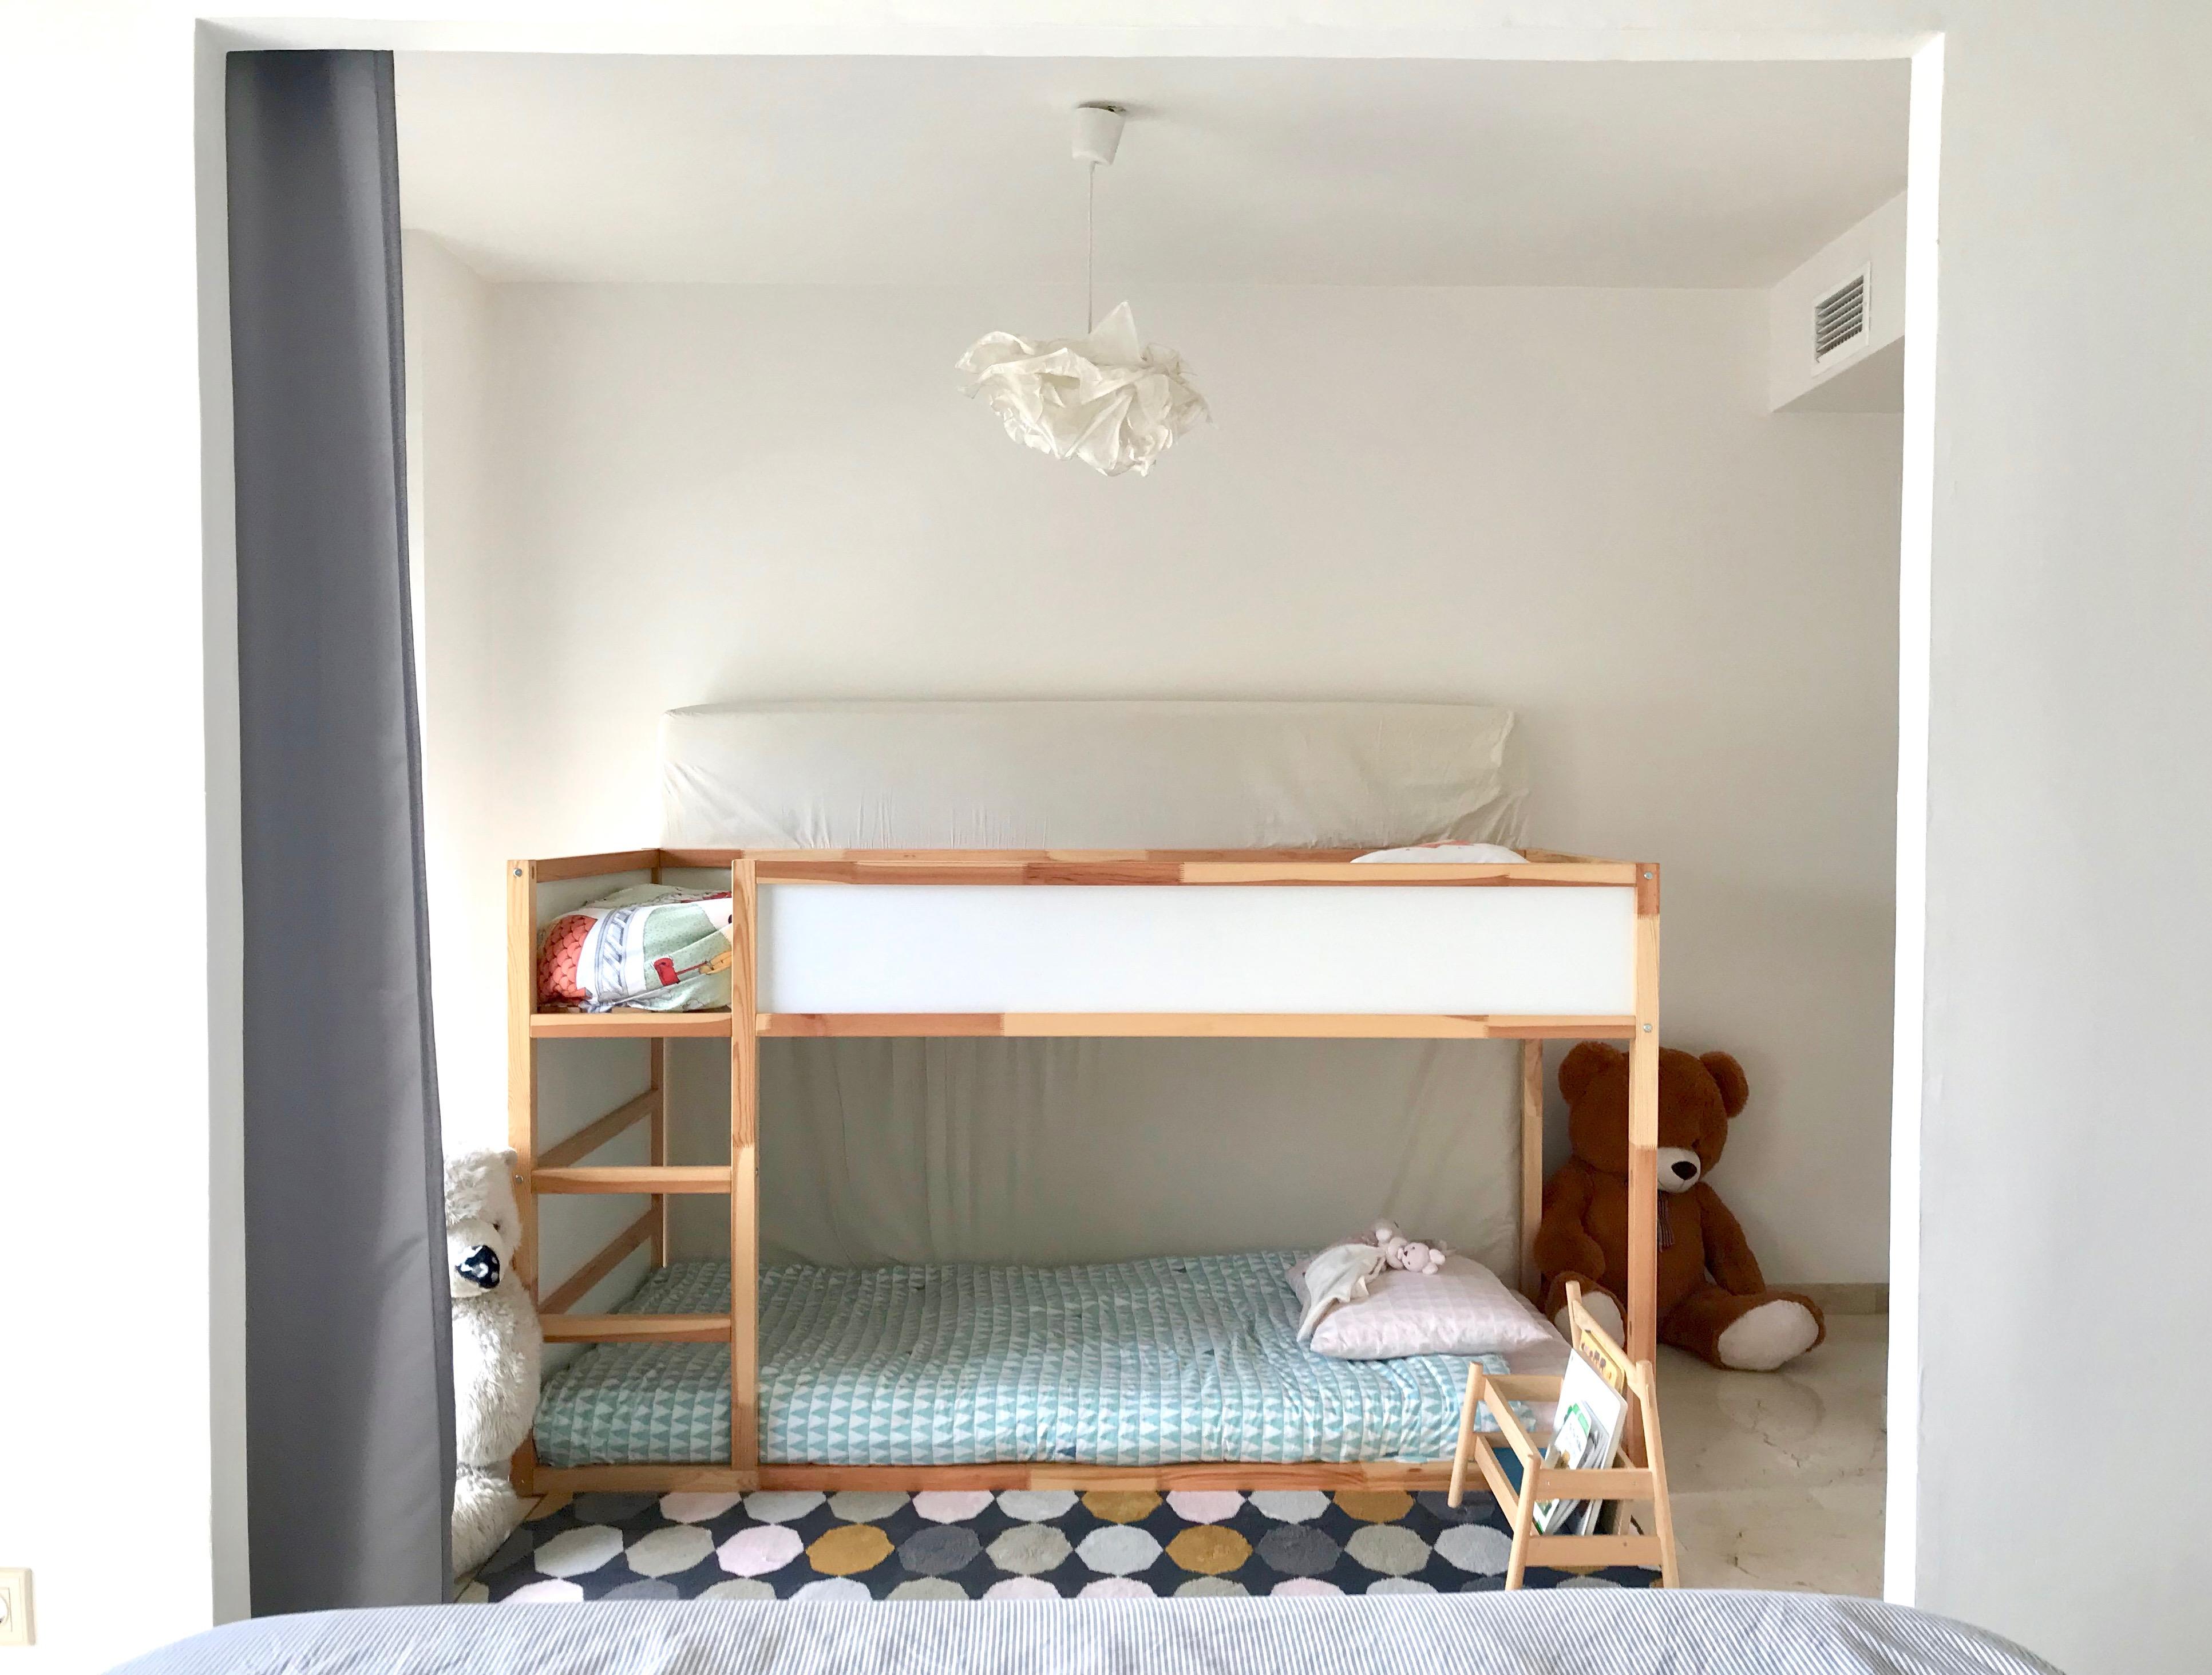 Home tour 2018 il nostro nuovo appartamento ispirato montessori montessori la tela di carlotta - Ikea letto montessori ...